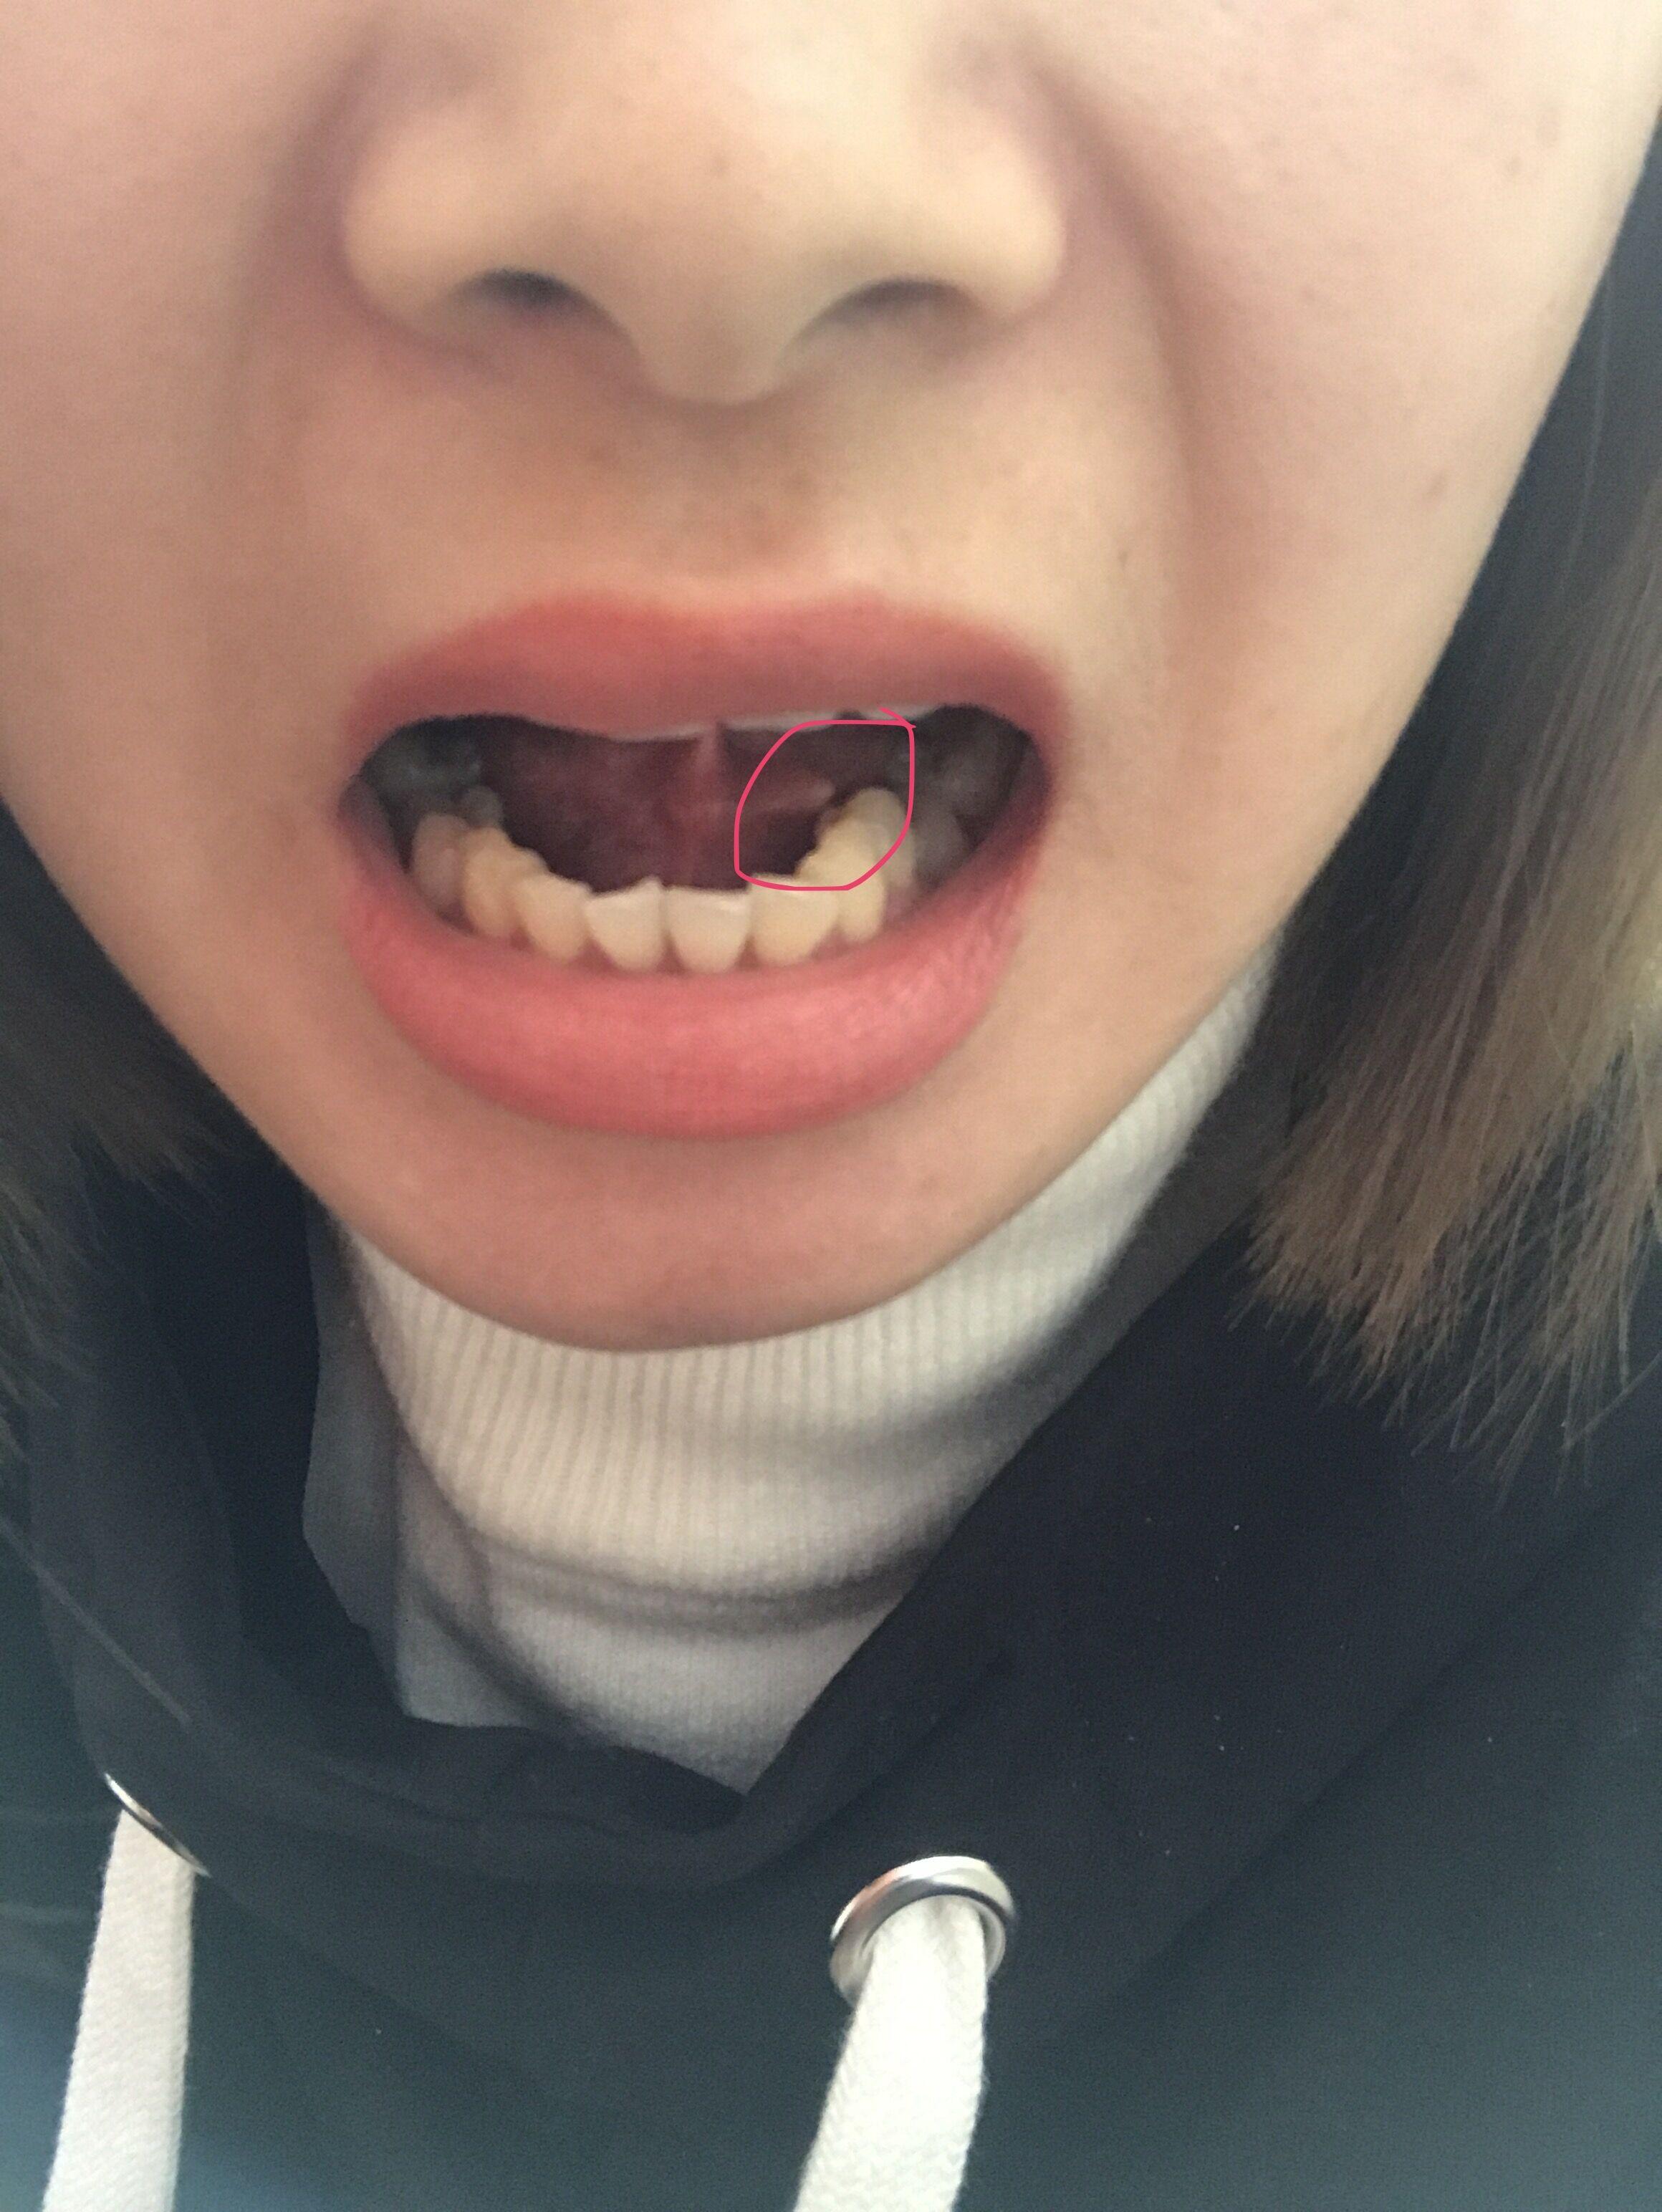 我舌头下面长了一粒像是肉瘤,没有疼痛感,感冒第二天长出来的。